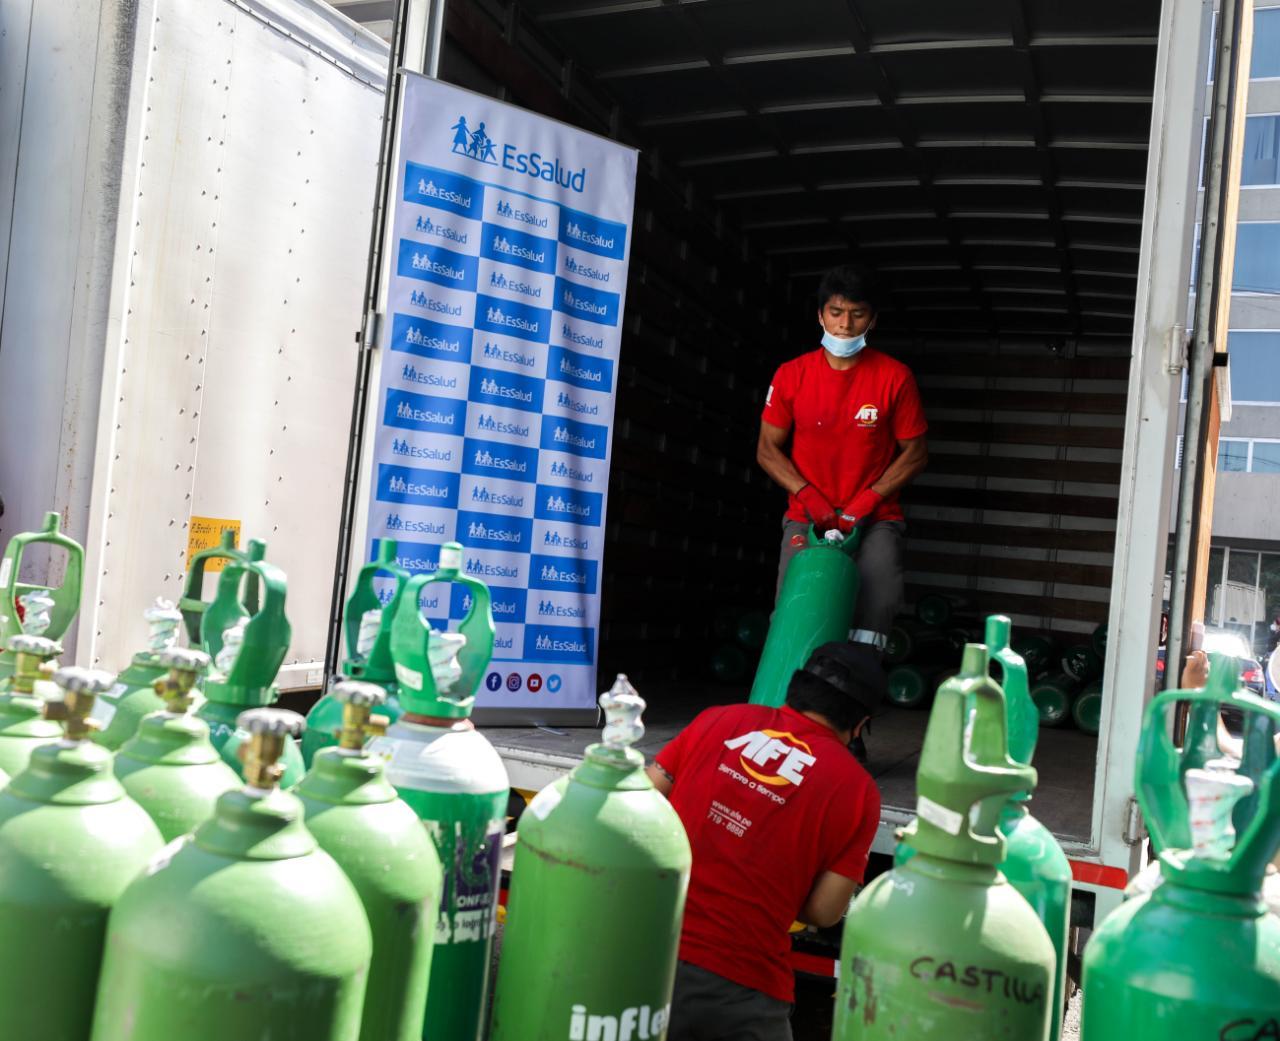 Essalud - EsSalud envía 360 balones de oxígeno a hospitales del interior del país para reforzar la atención a pacientes Covid-19